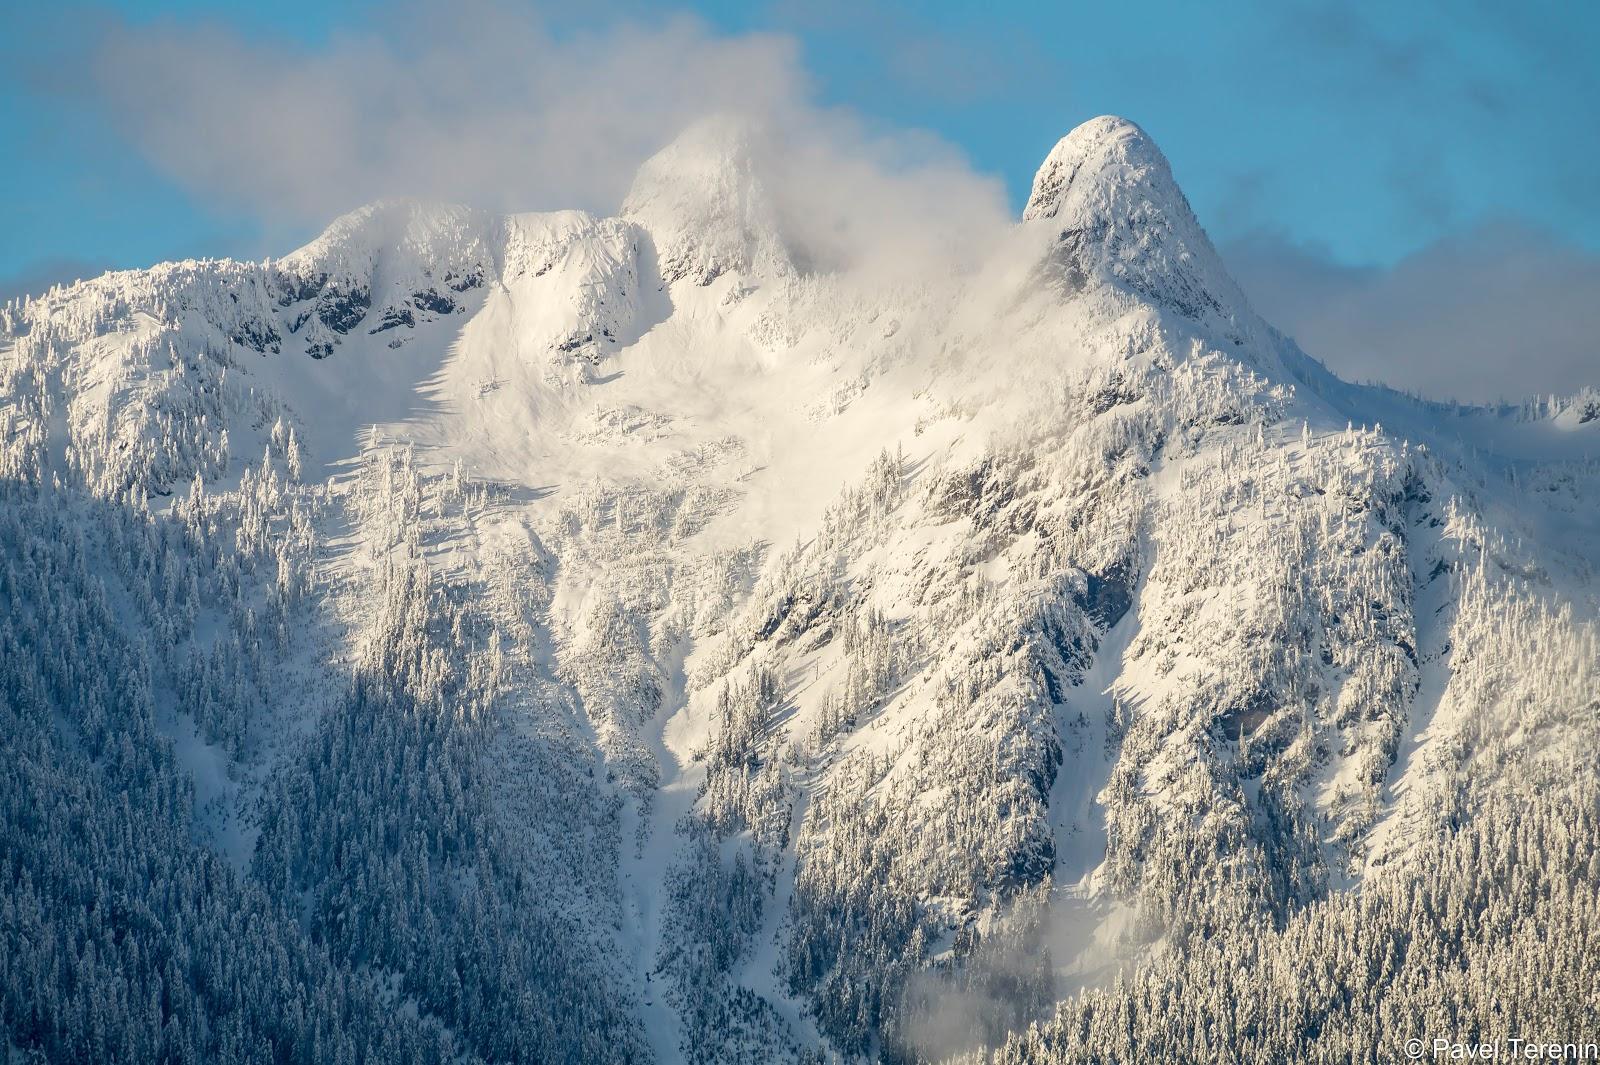 Между двумя вершинами, западным и восточным Львами, уютно пристроились облака.